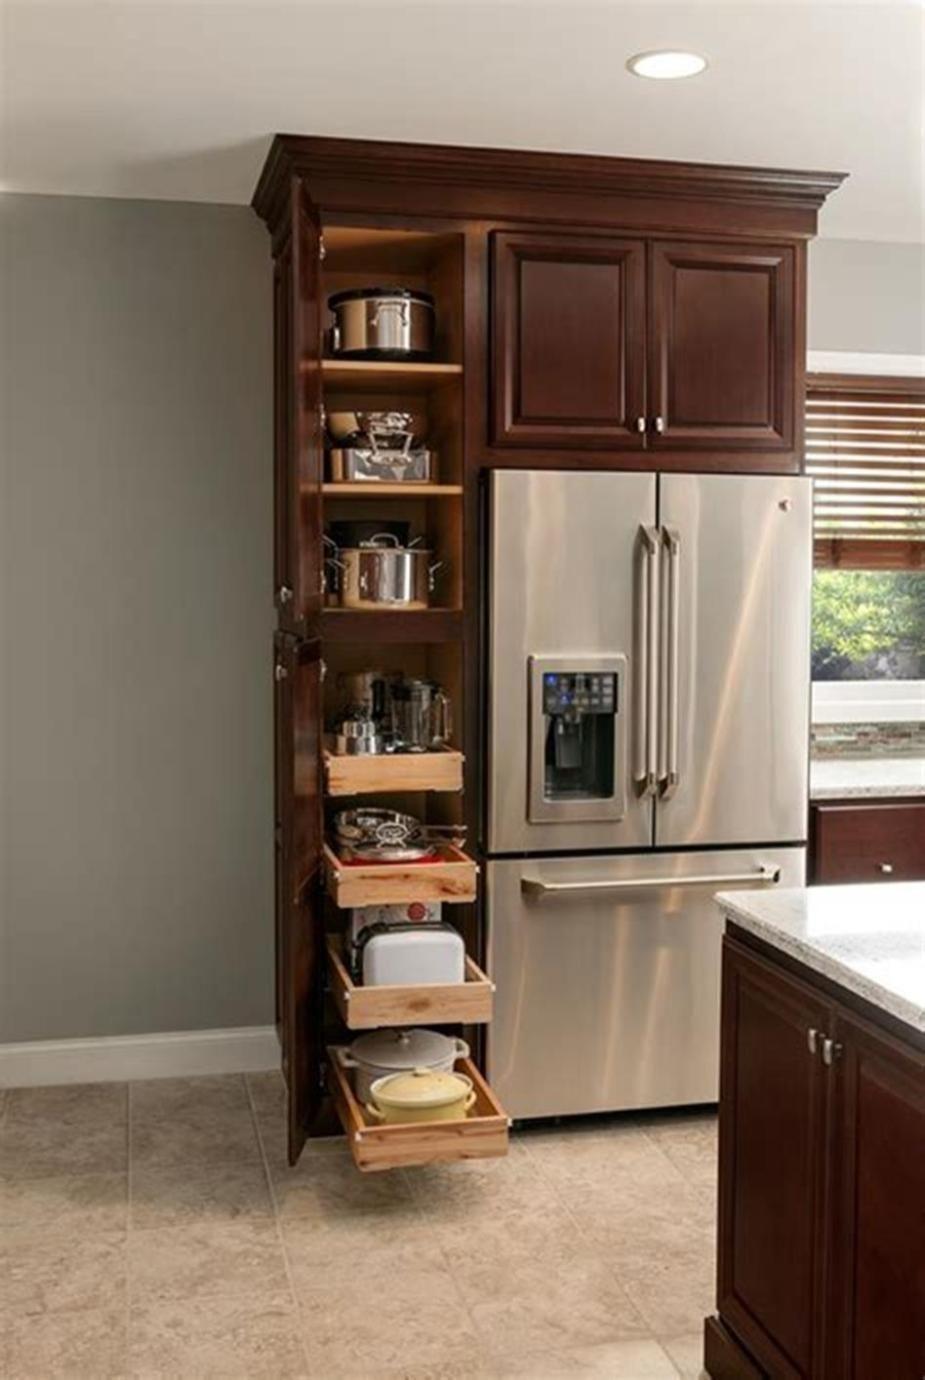 35 amazing kitchen cabinet organization ideas to inspire kitchen cabinet storage kitchen on kitchen organization layout id=81169